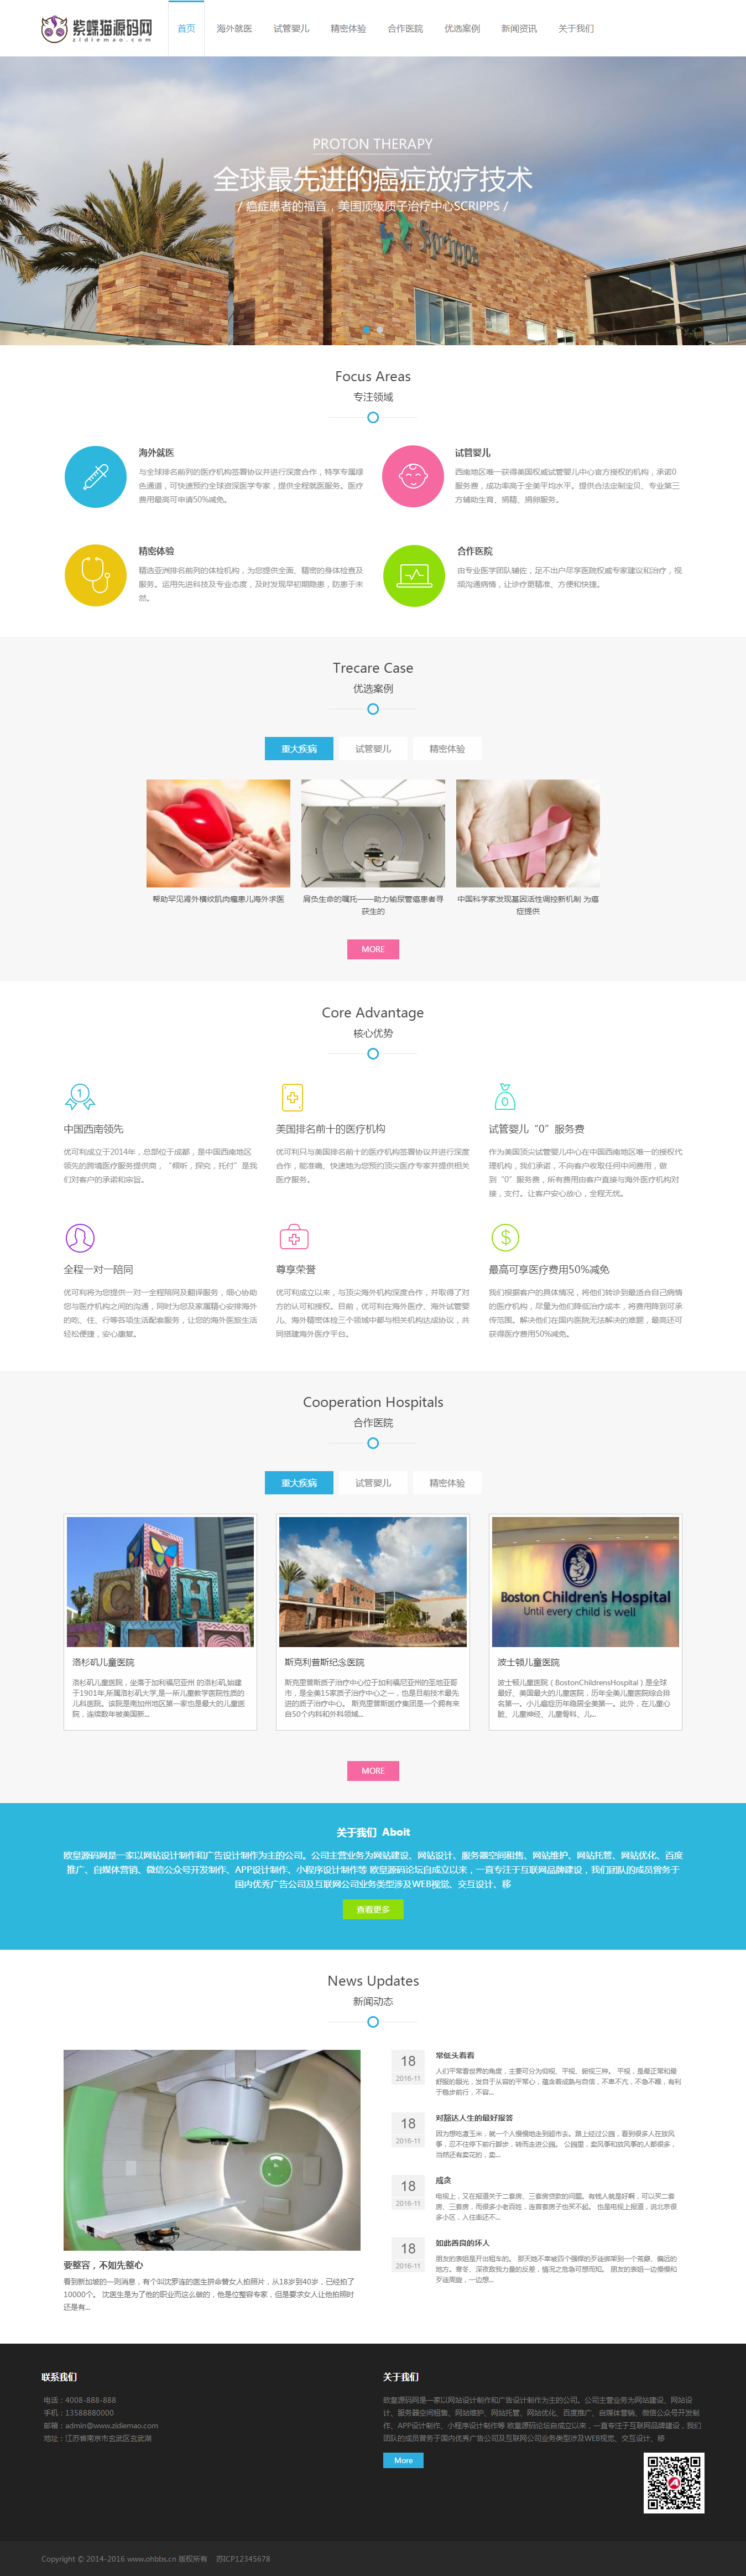 医疗网站模板